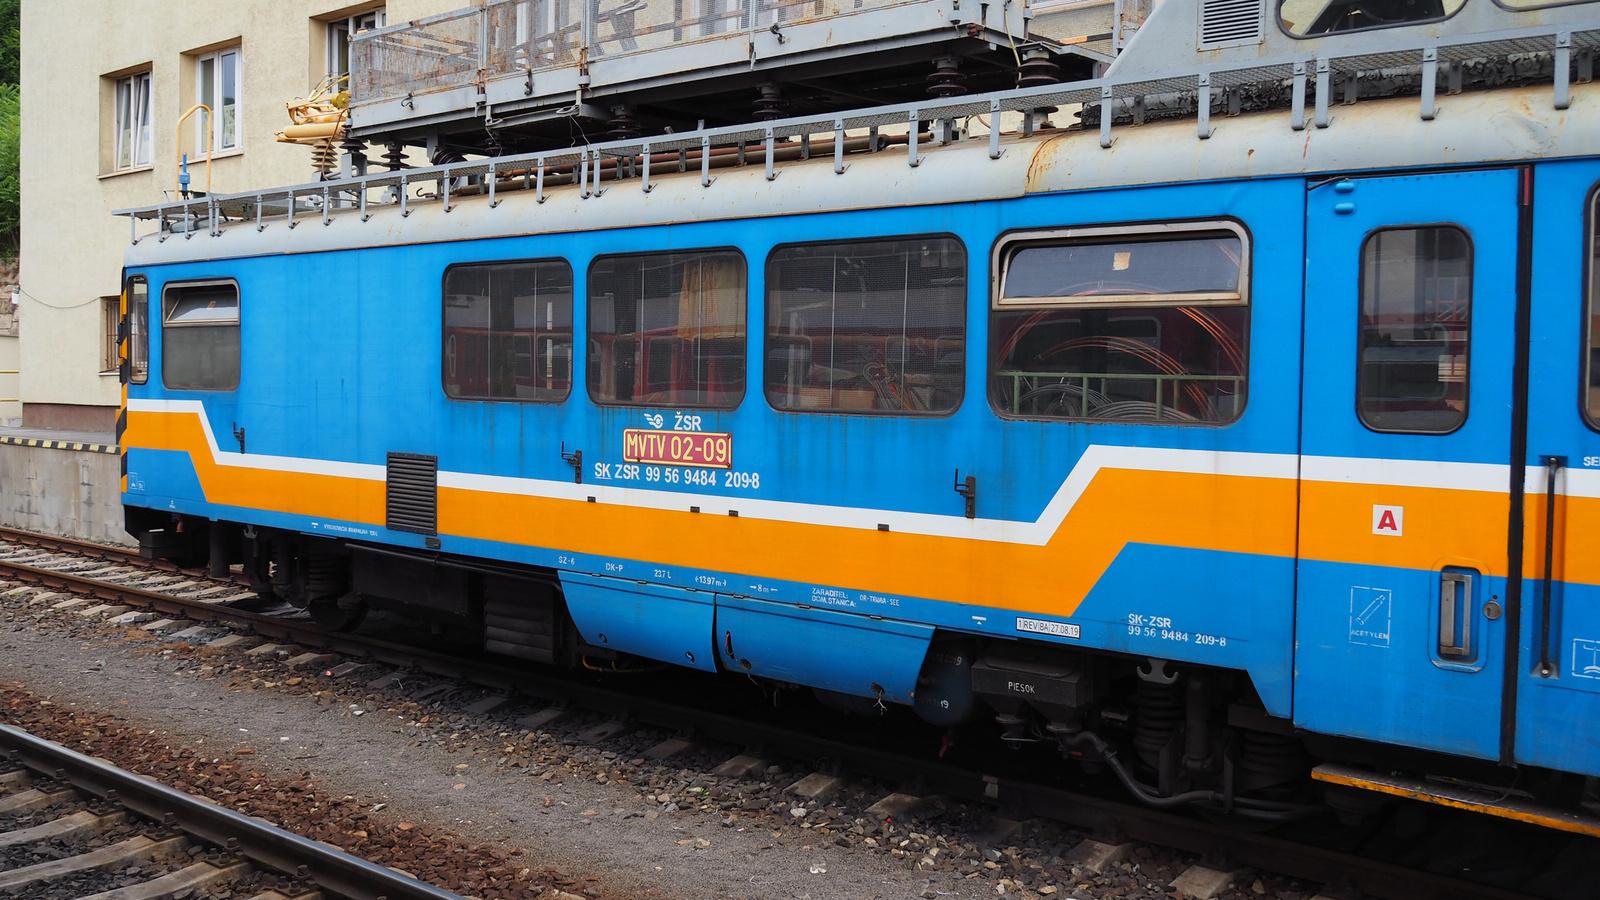 SK-ZSR 99 56 9484 209-8, SzG3